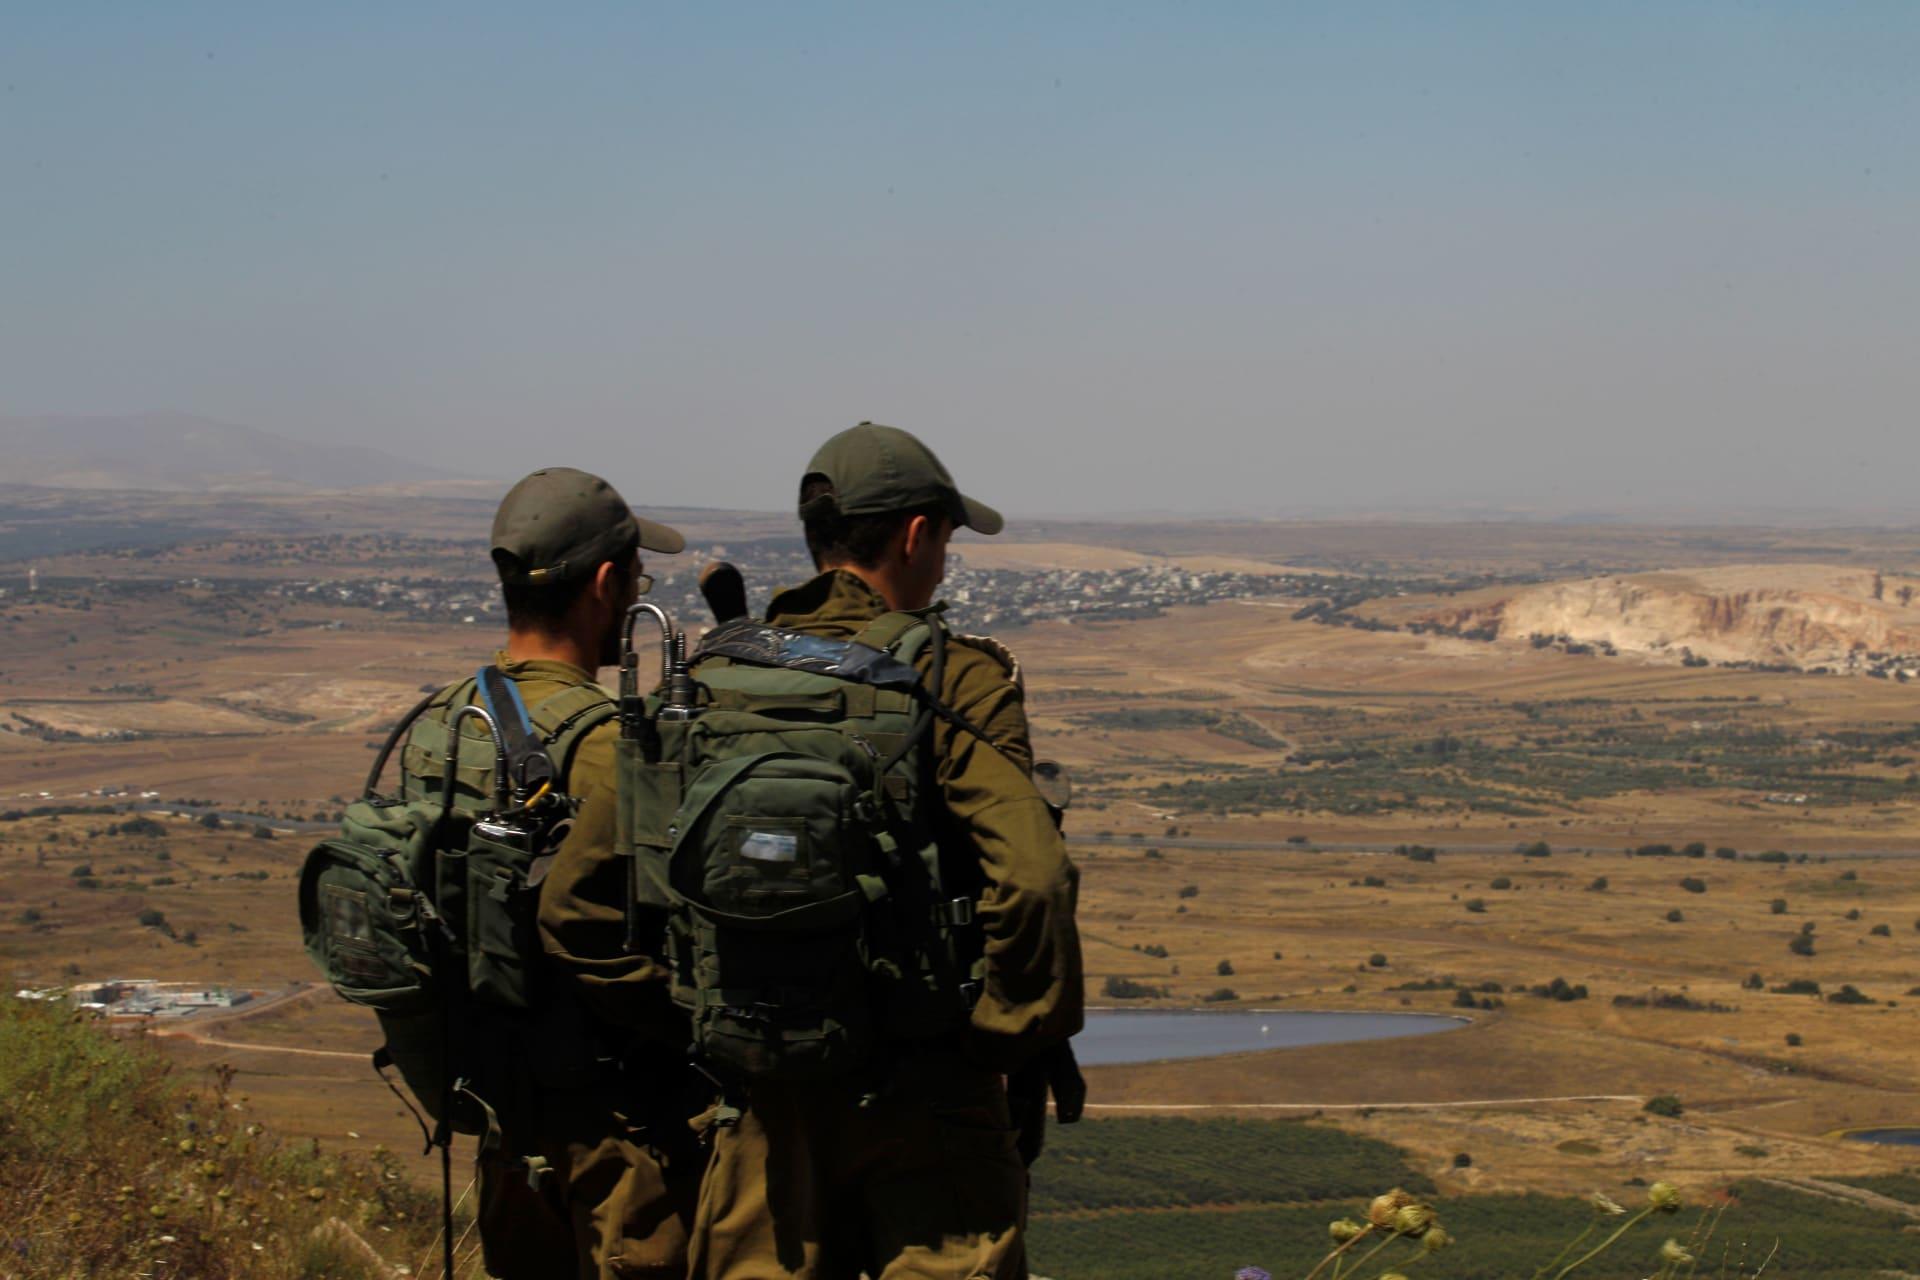 إسرائيل تسقط طائرة بدون طيار اخترقت مجالها الجوي من سوريا